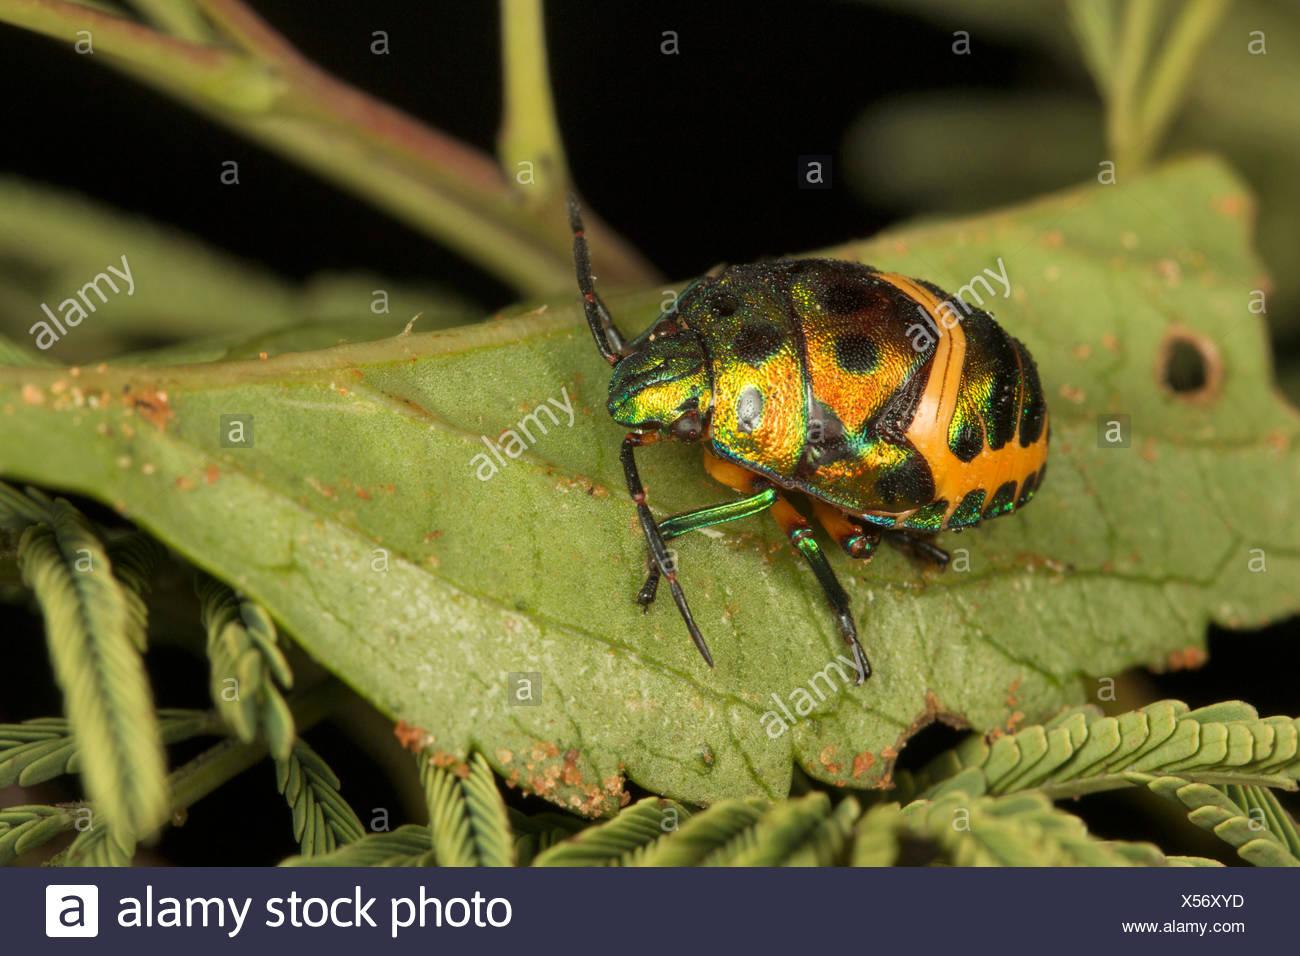 Jewel bug, Scutelleridae, Bangalore, Karnataka, India - Stock Image